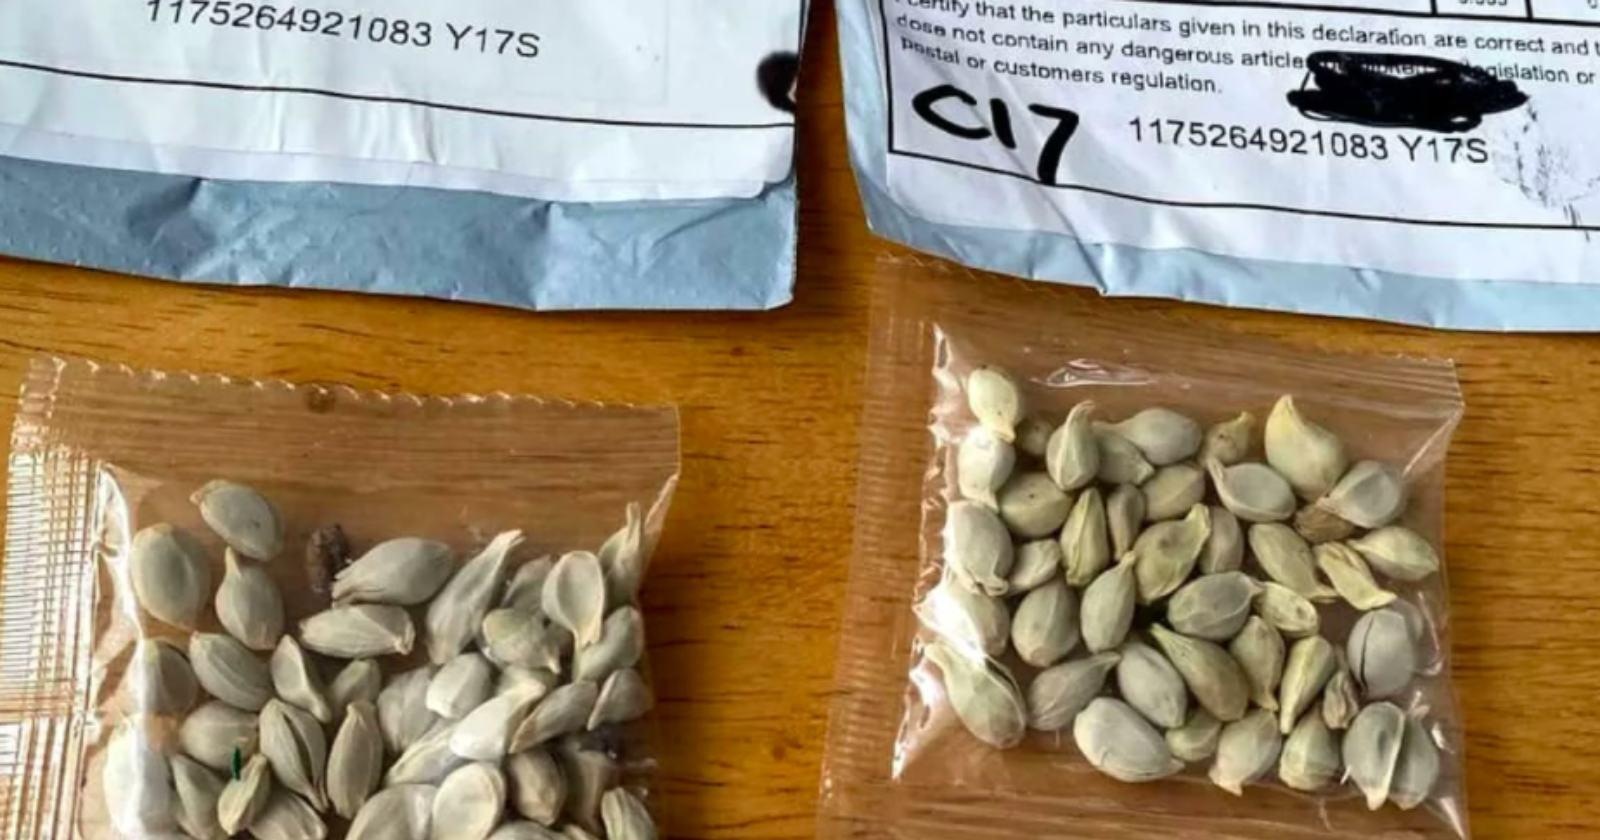 Por qué las envían y qué debo hacer si recibo un paquete con misteriosas semillas chinas